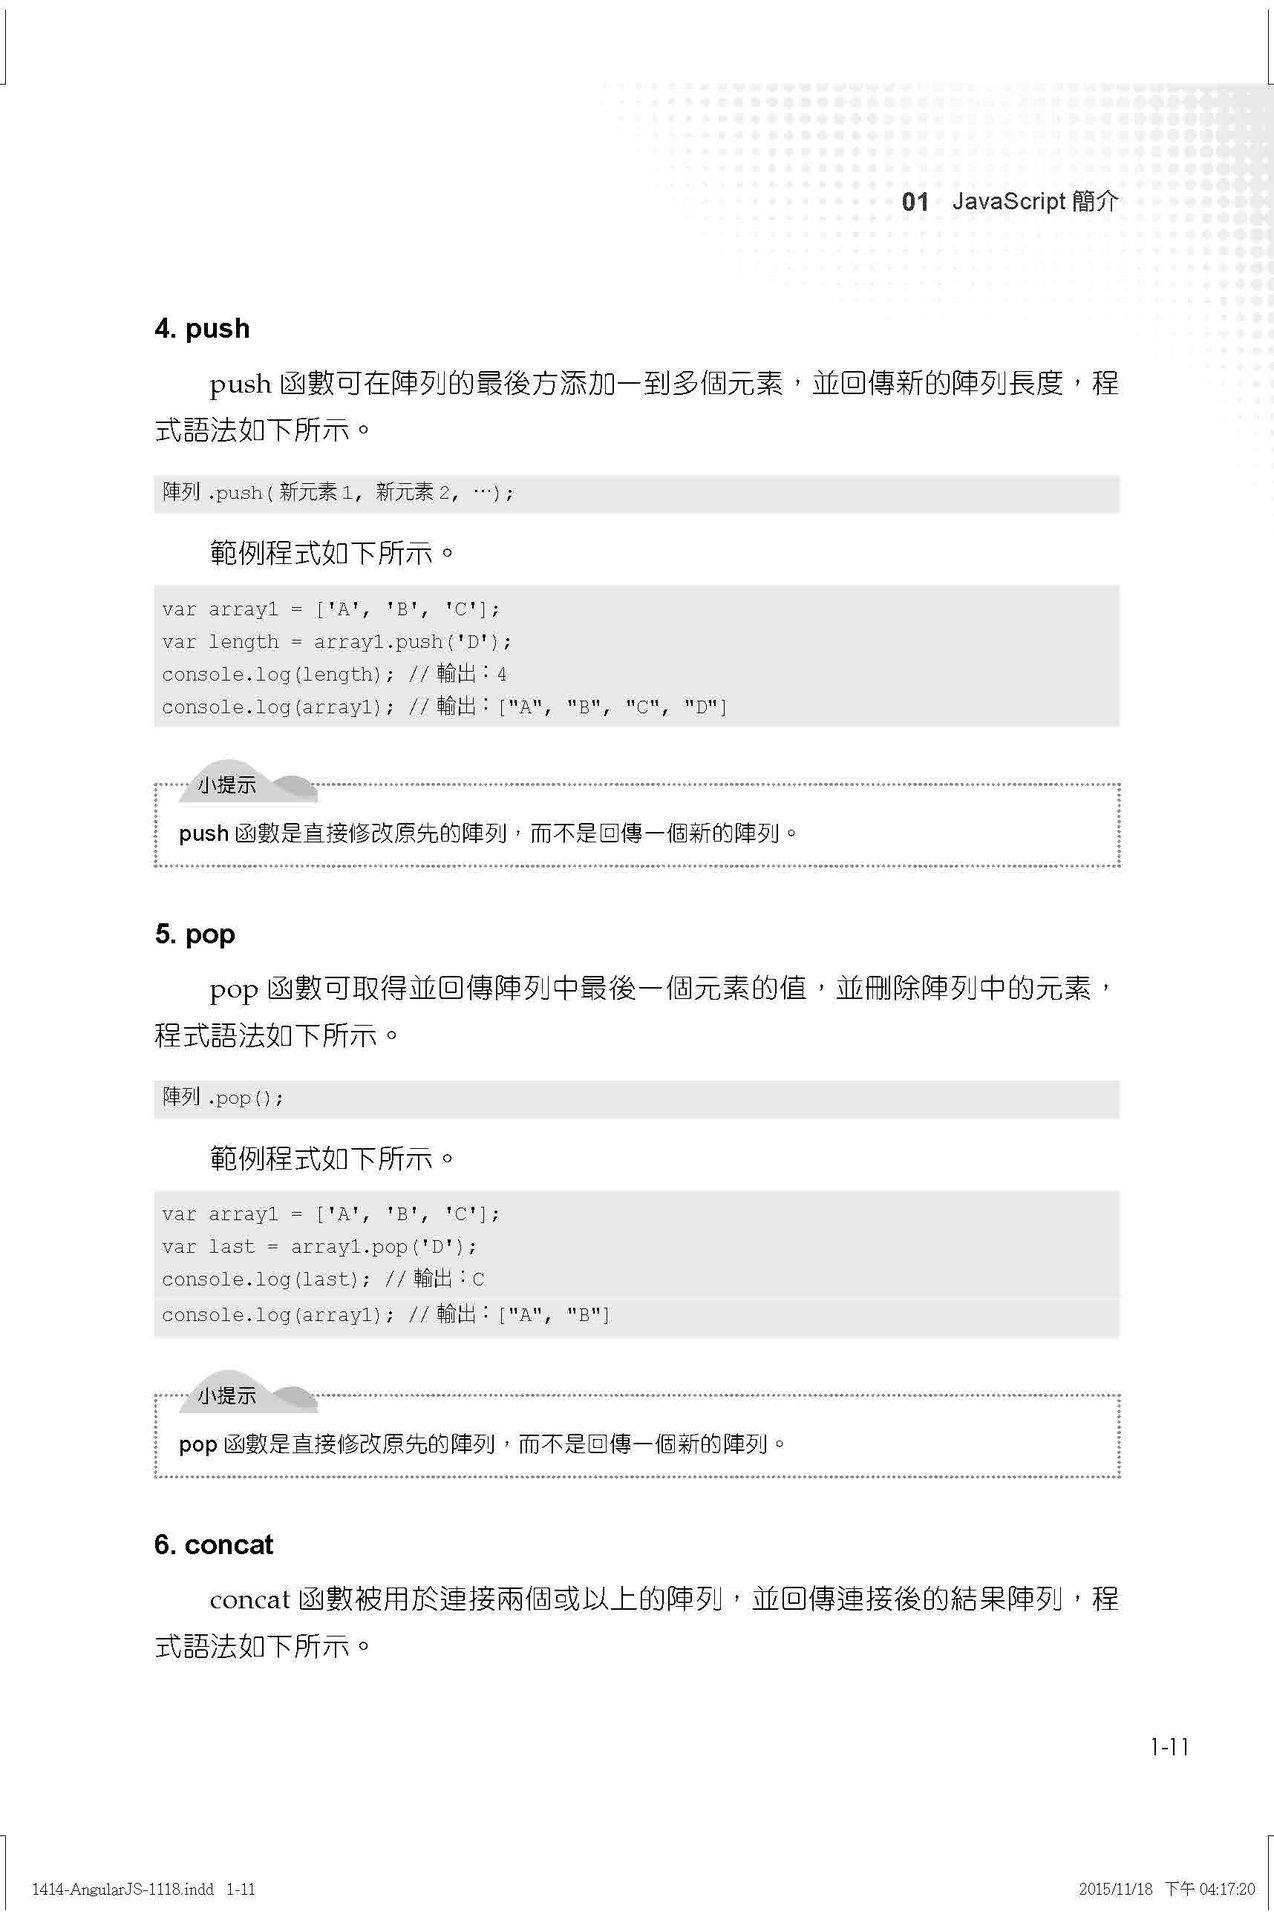 經典實戰手冊:AngularJS 全攻略 (舊名: AngularJS 快速上手-- 實務範例教學)-preview-6